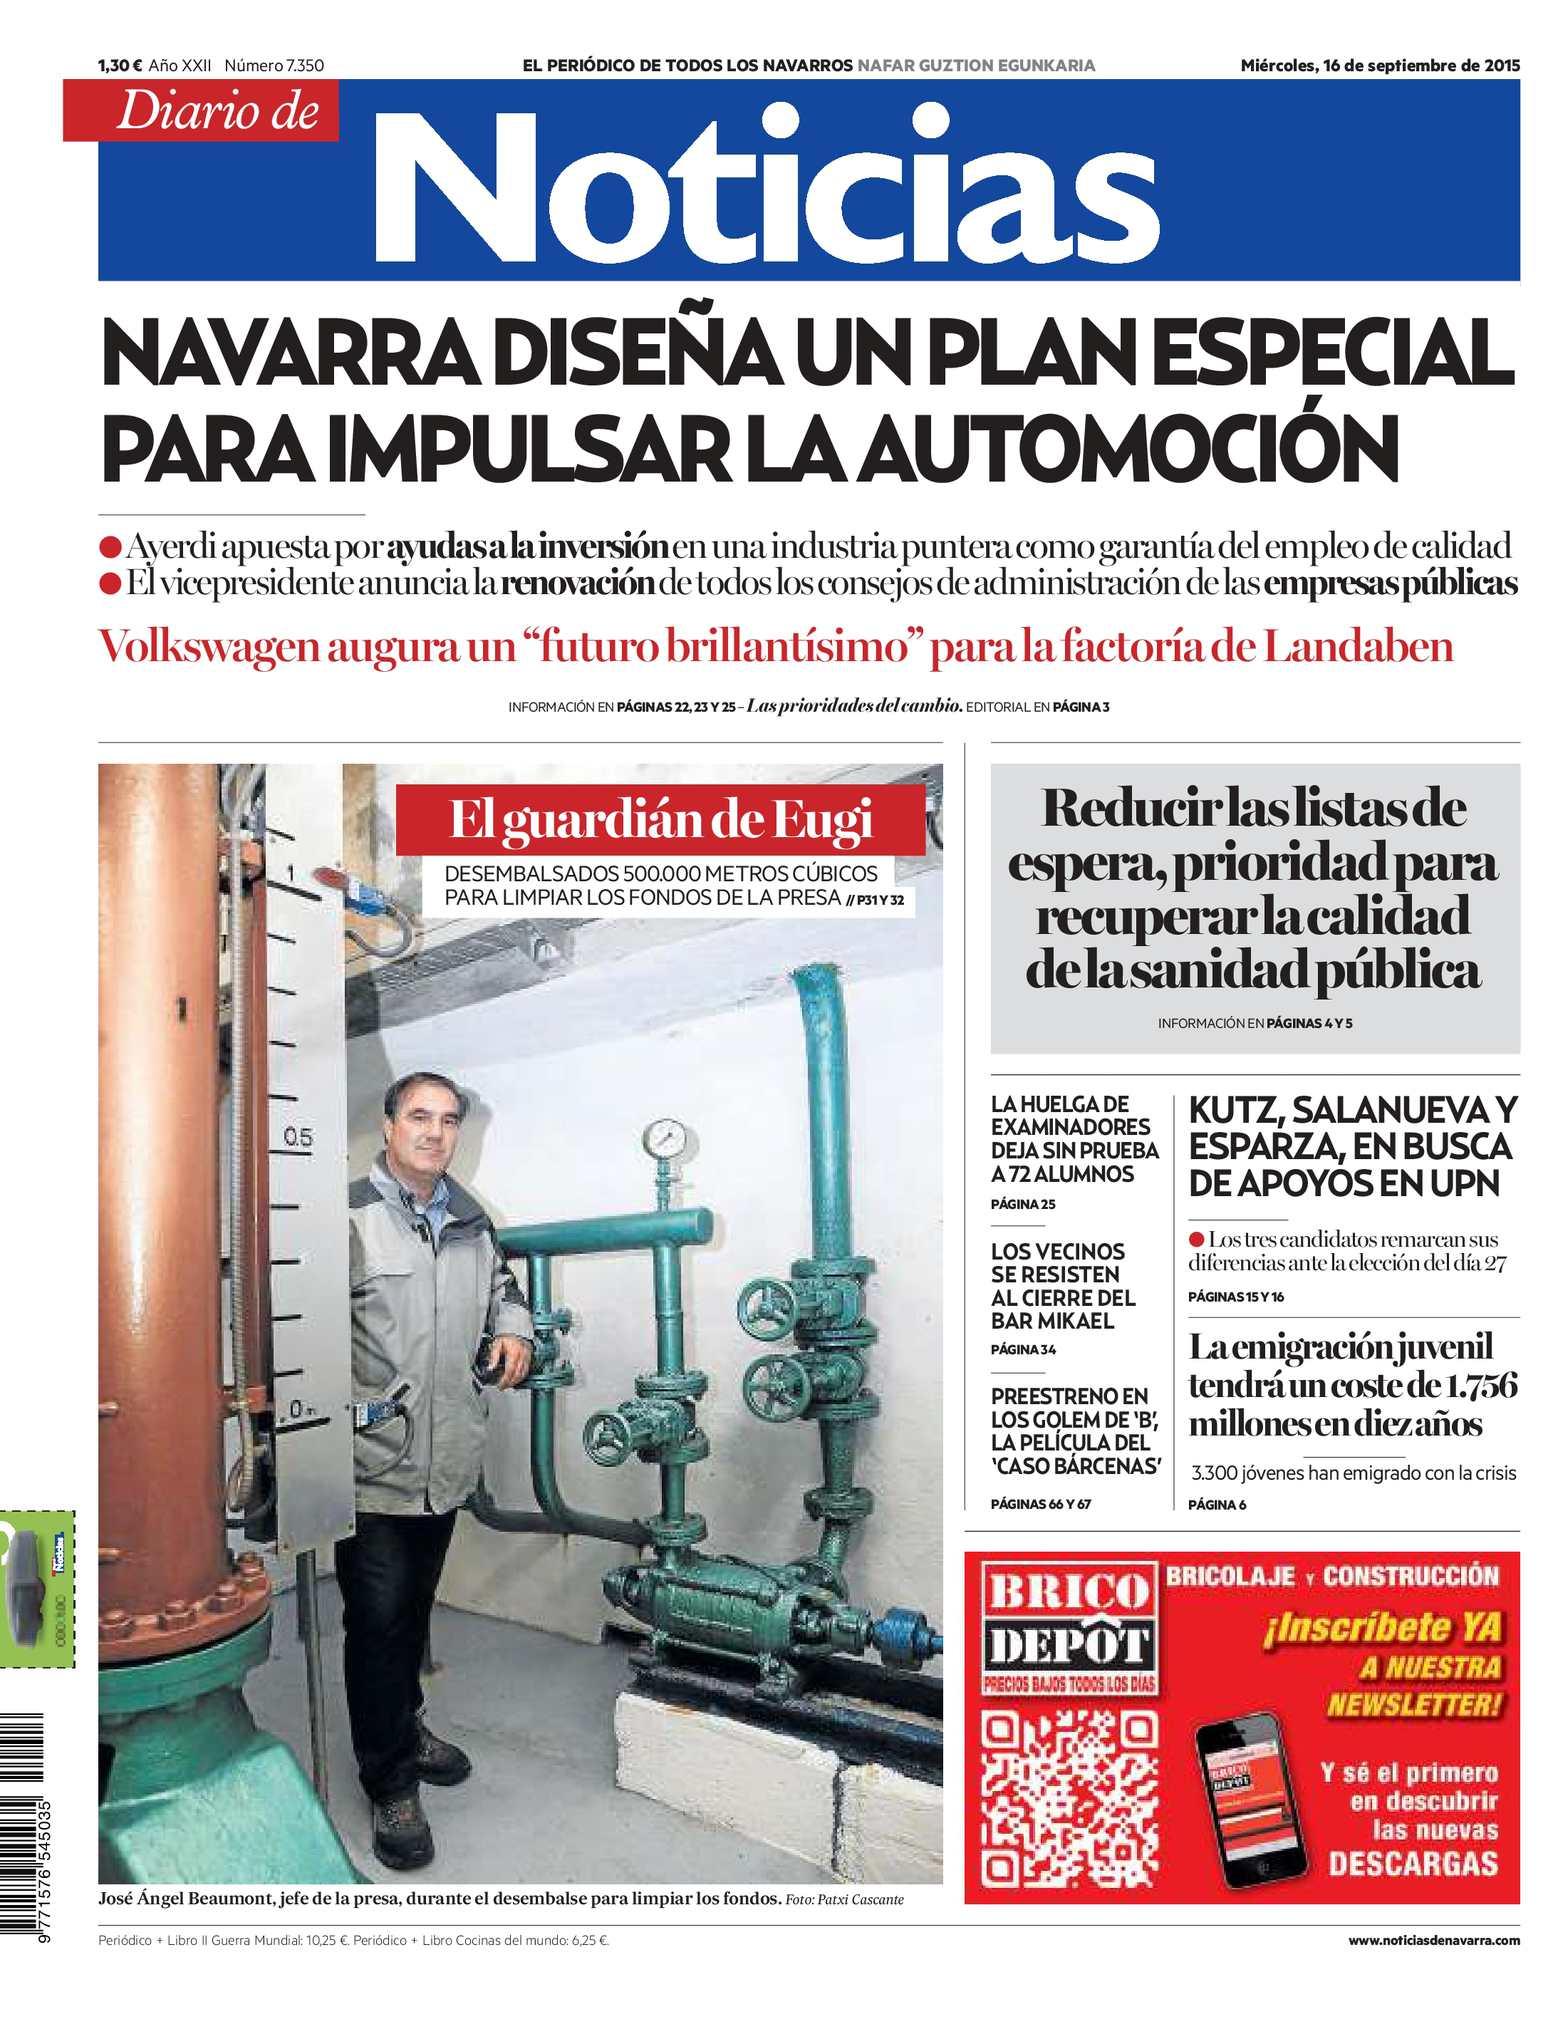 Calaméo - Diario de Noticias 20150916 58e1758ce79e4